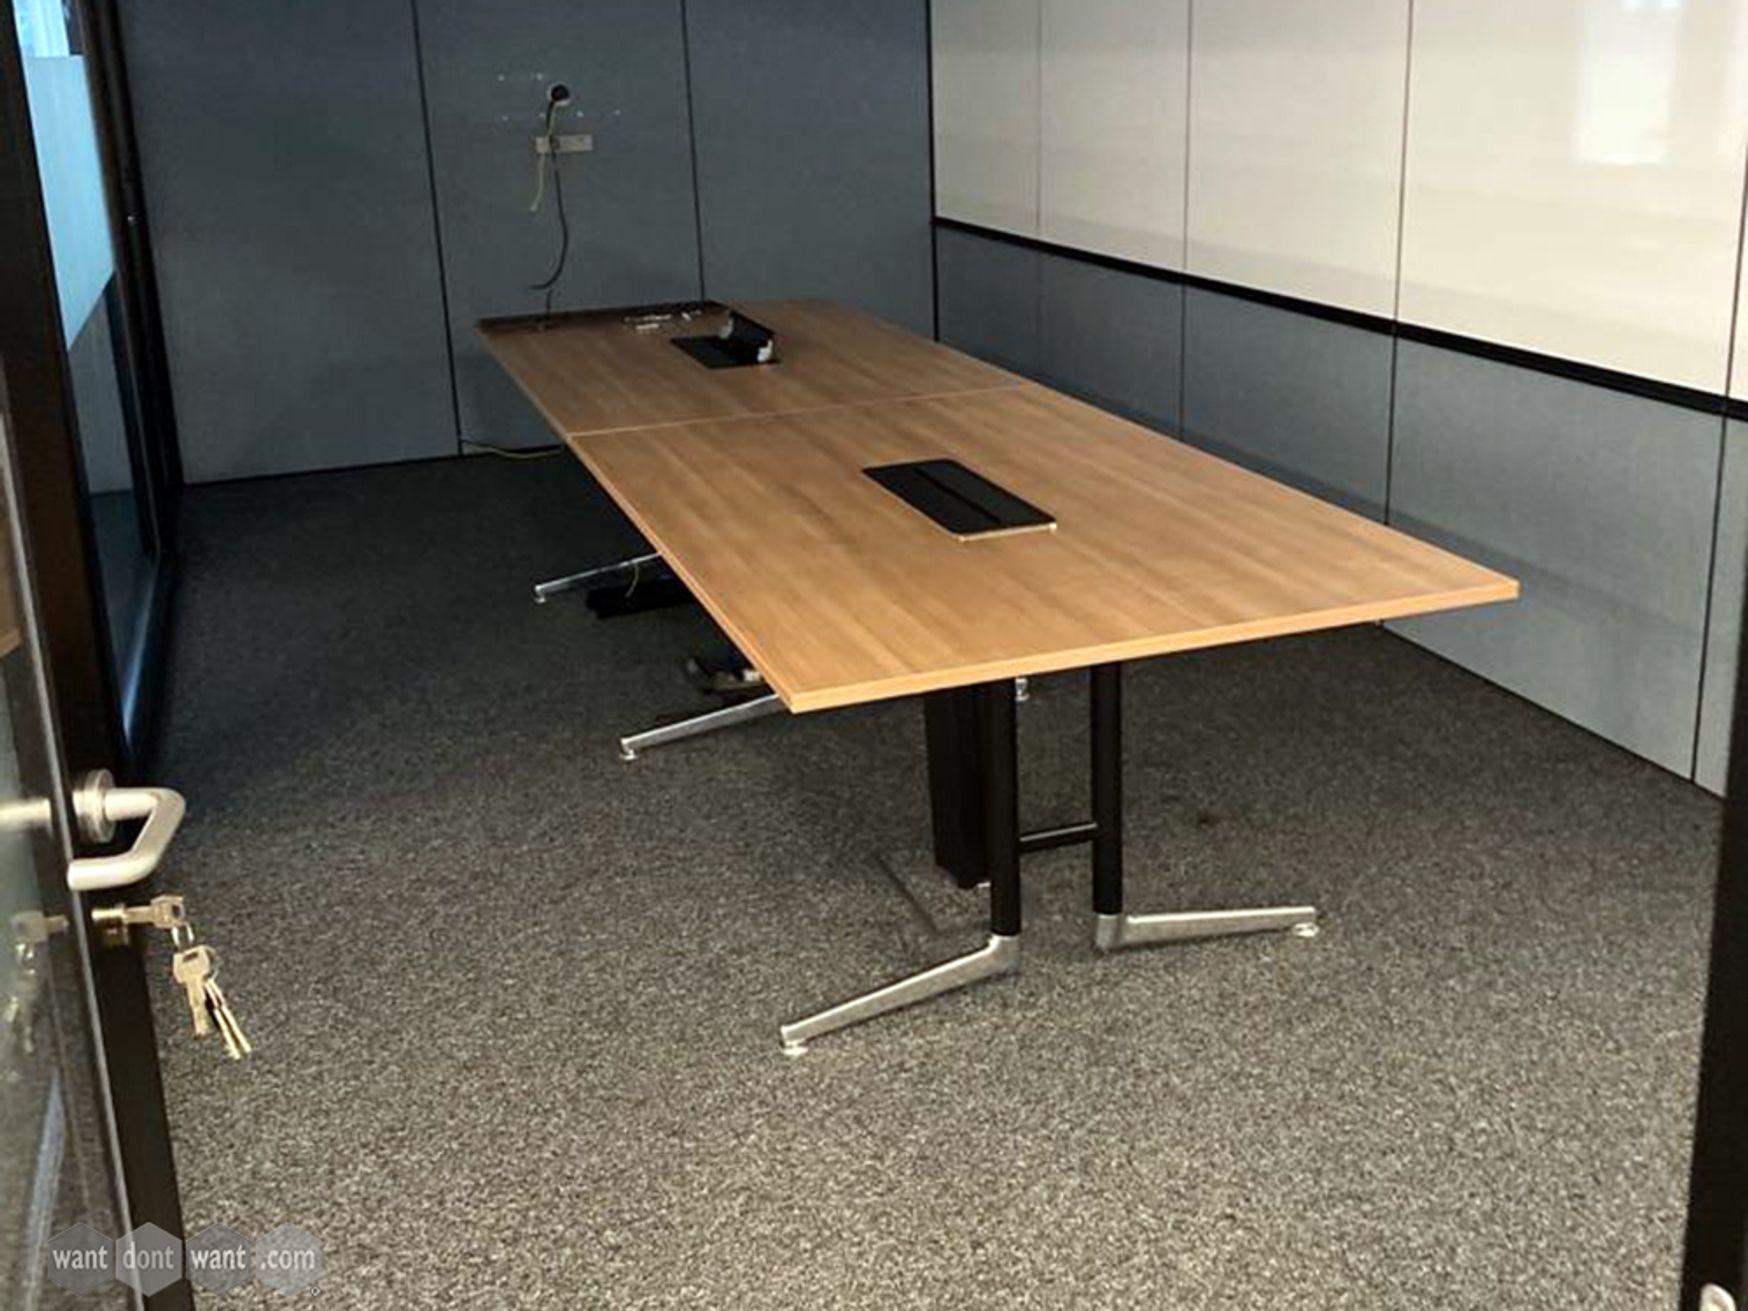 Used Senator Ad-Lib Meeting Table 3300mm x 1100mm